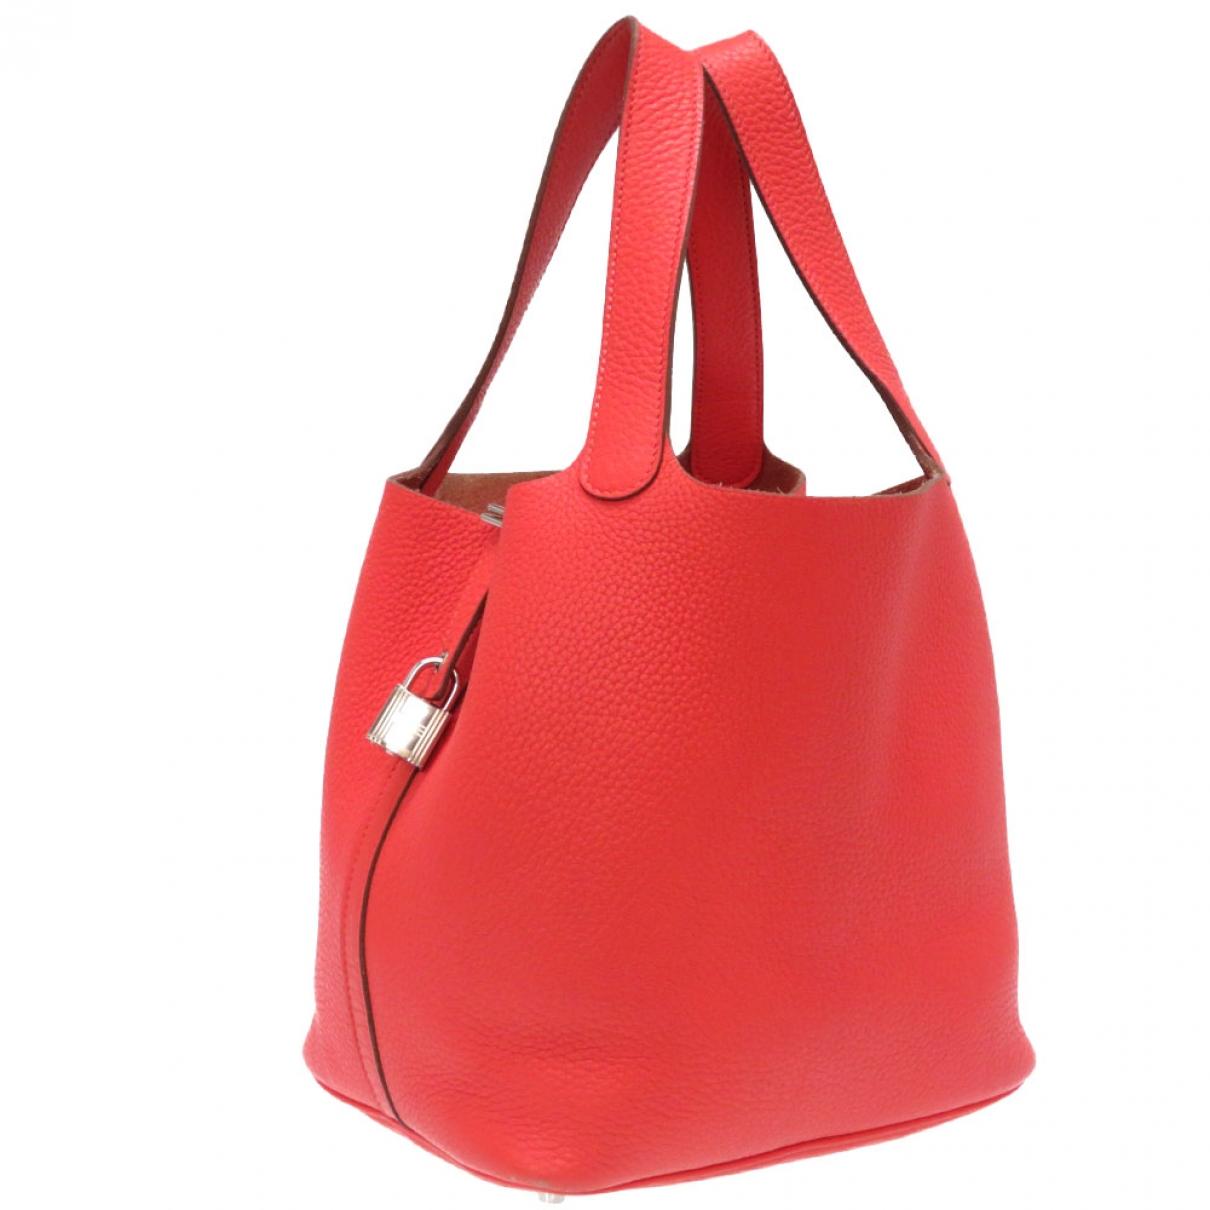 Hermes - Sac a main Picotin pour femme en cuir - rouge